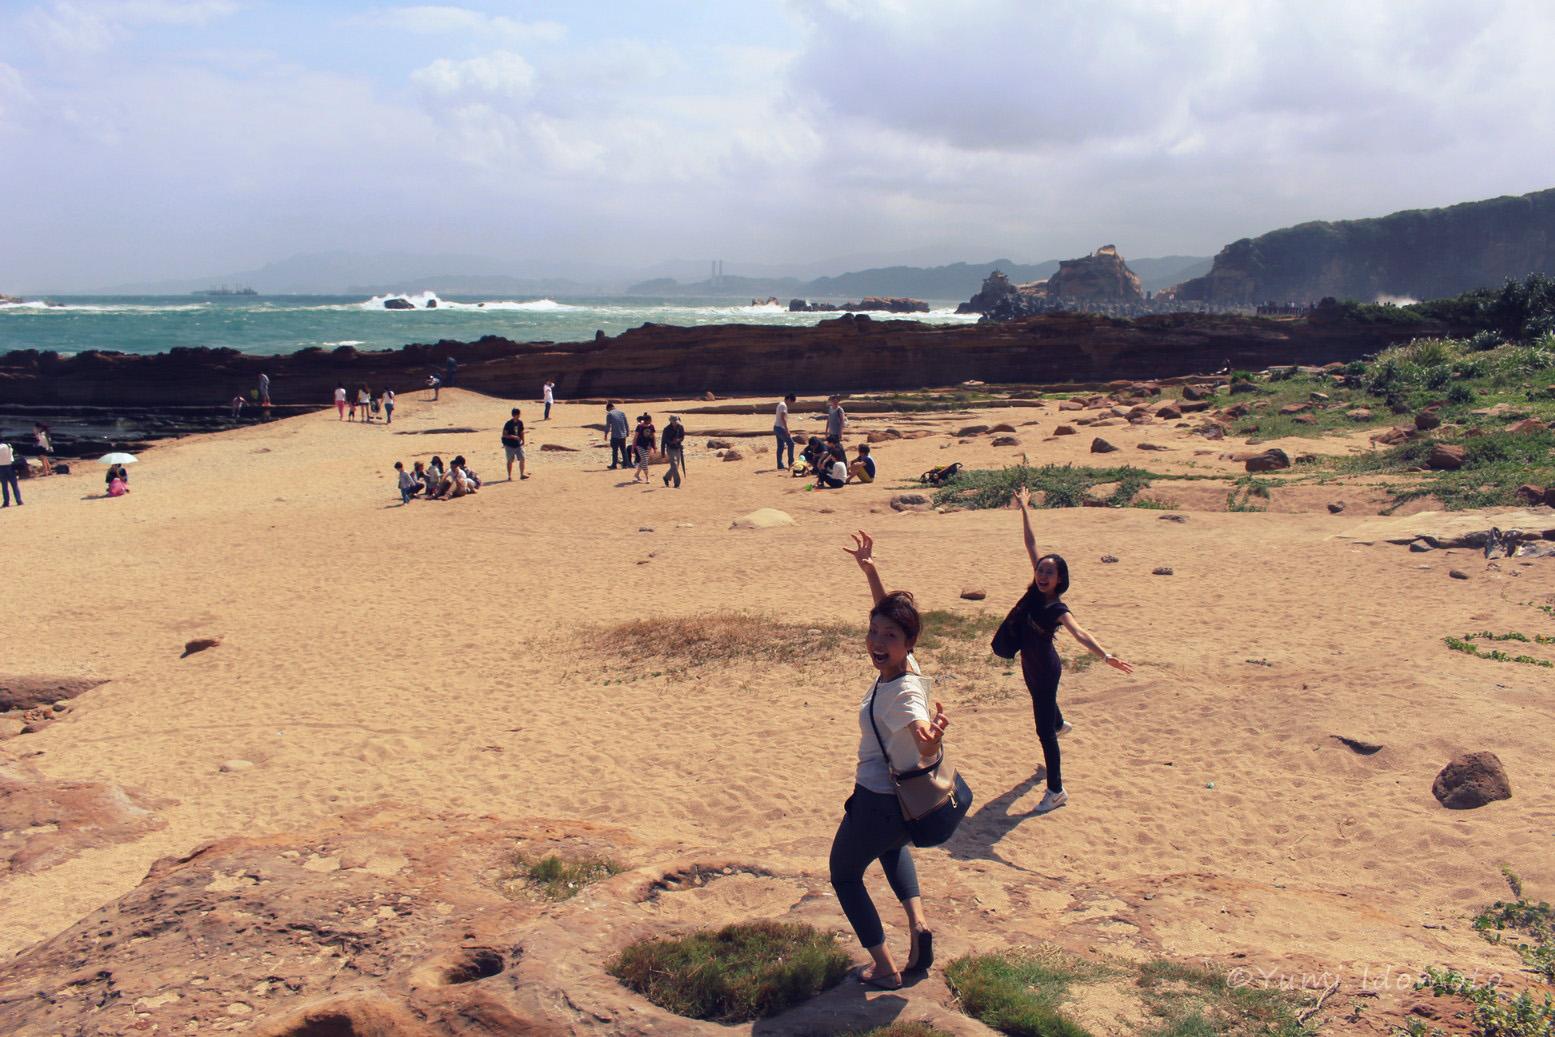 台湾旅行記-野柳(イェーリウ)-砂浜